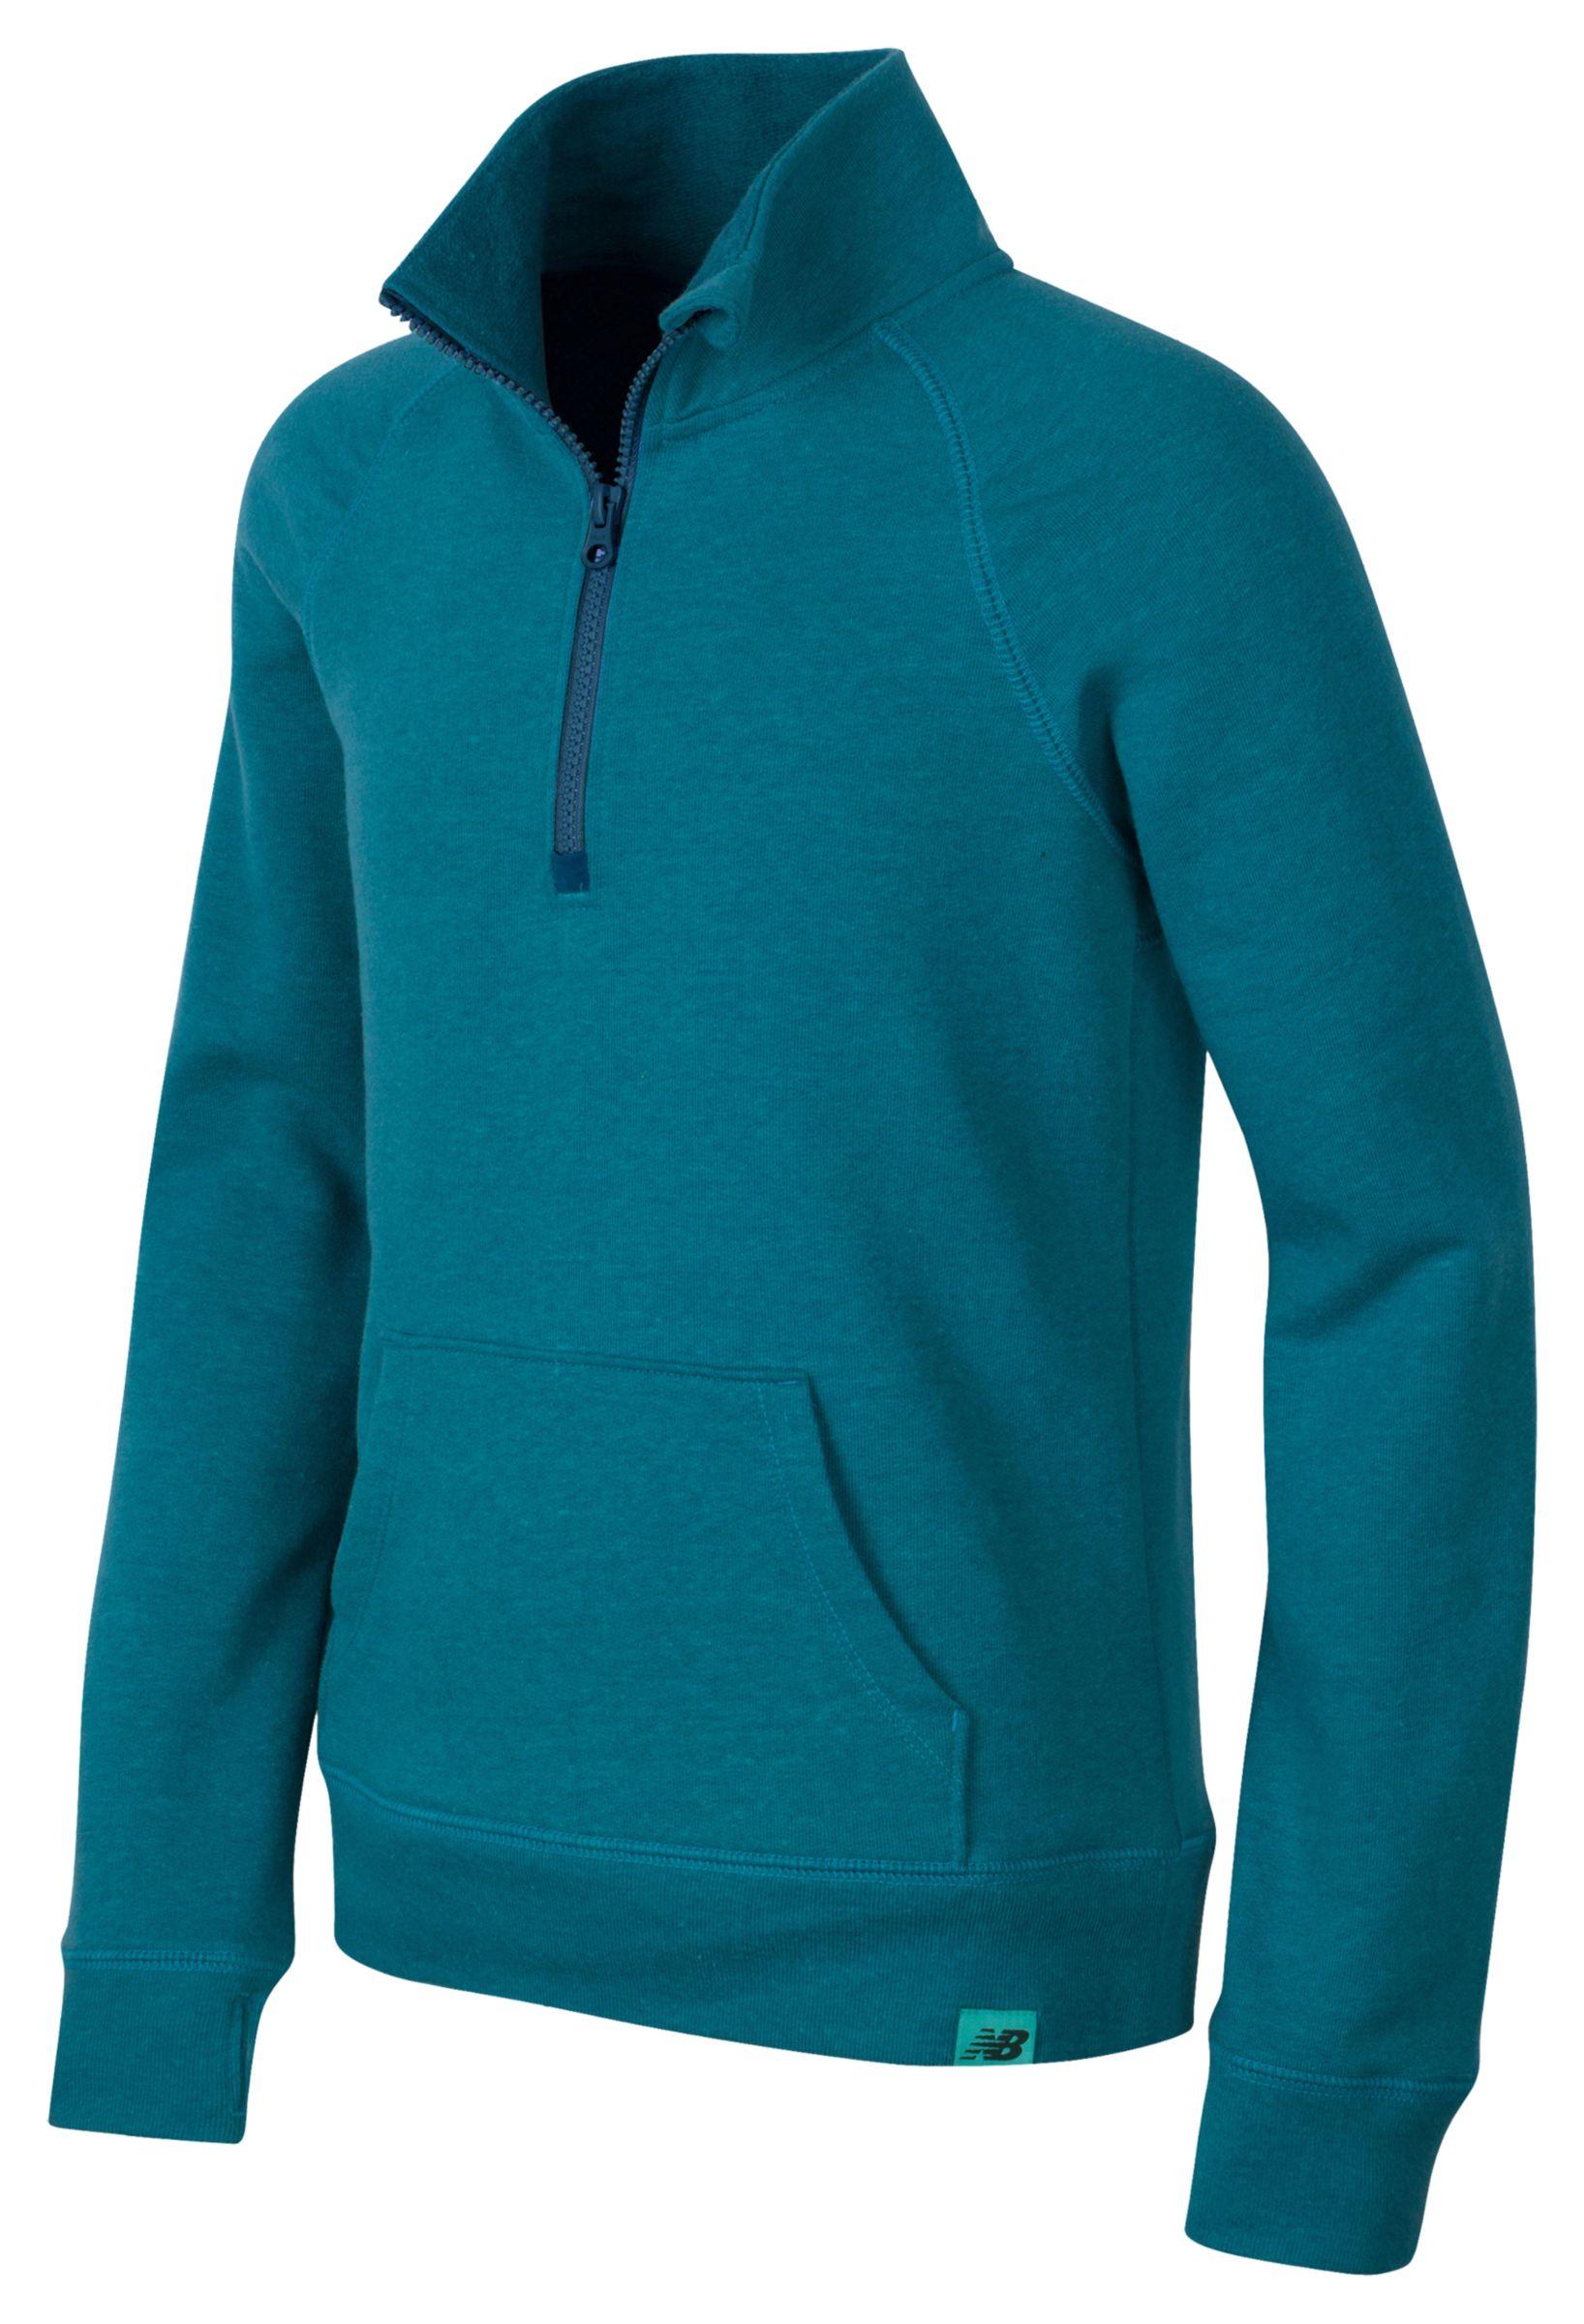 New Balance Girls Quarter Zip Pullover Blue